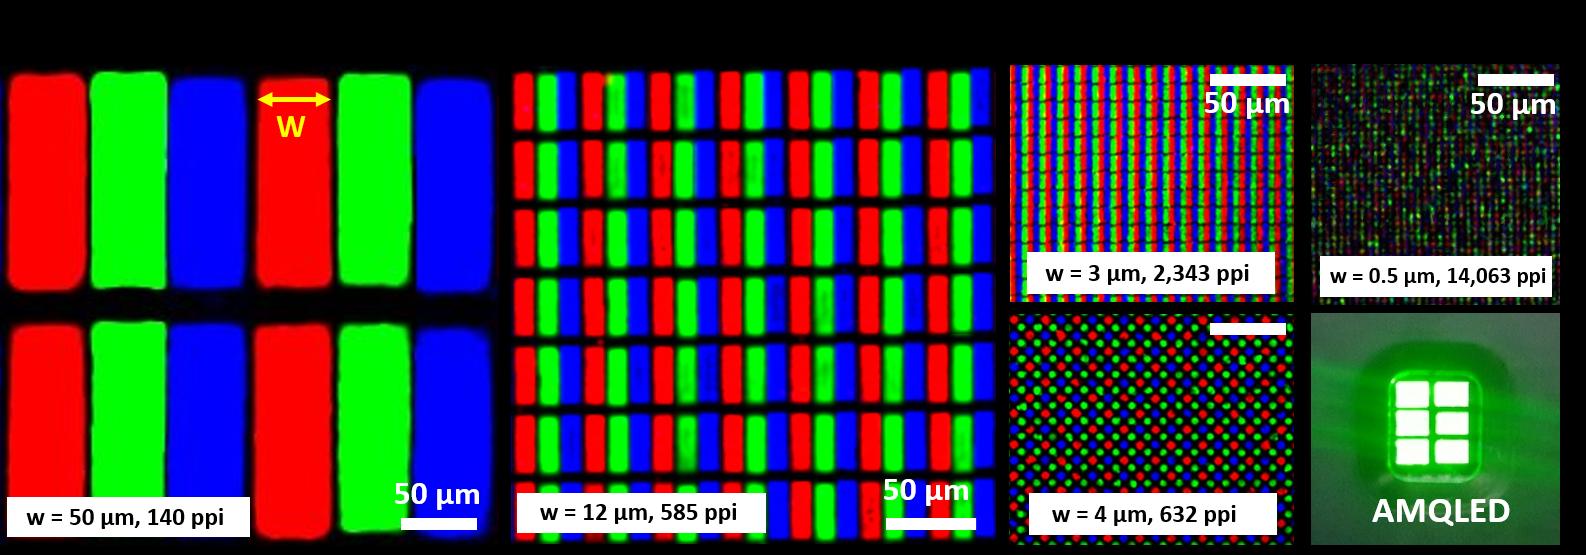 그림 1. 초고해상도 풀컬러 퀀텀닷 LED 이미지